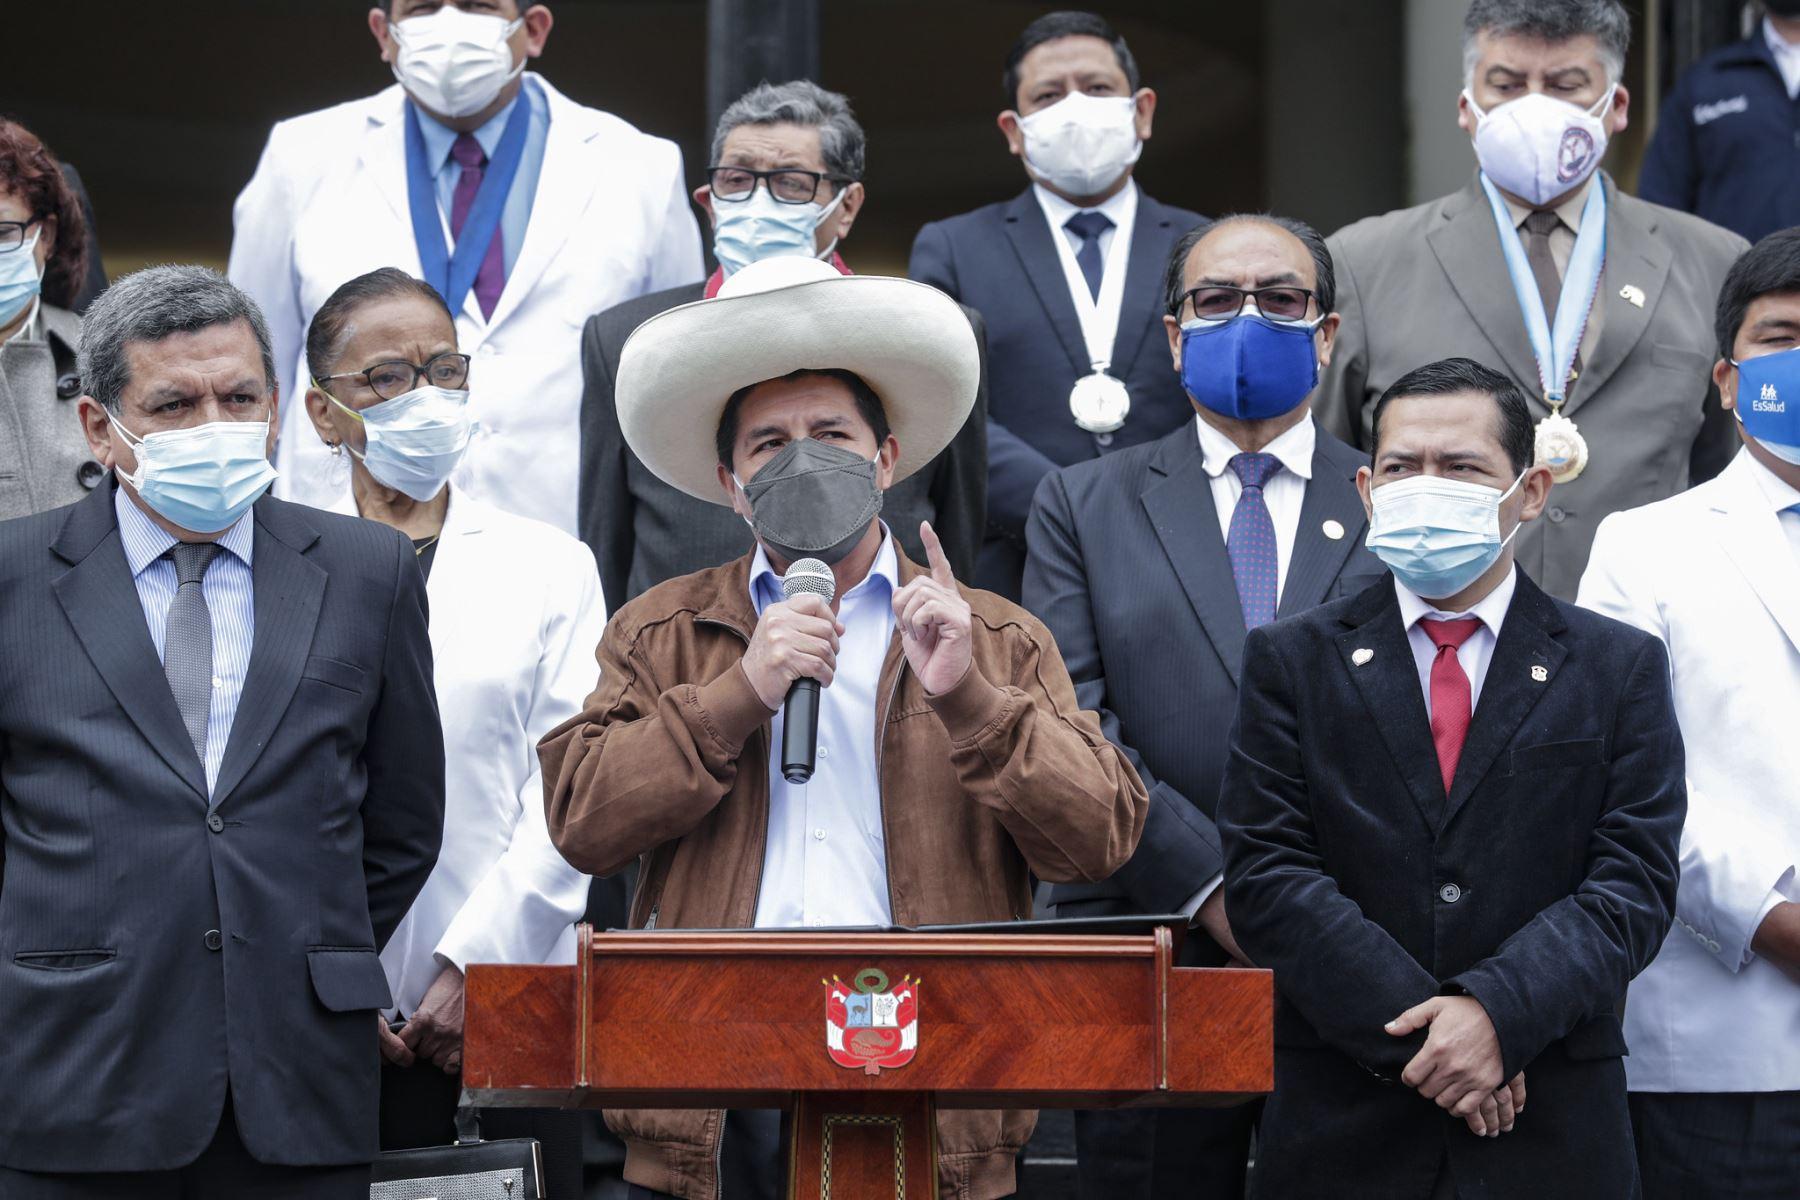 Jefe del Estado hace un llamado a dejar las diferencias y trabajar unidos por la salud